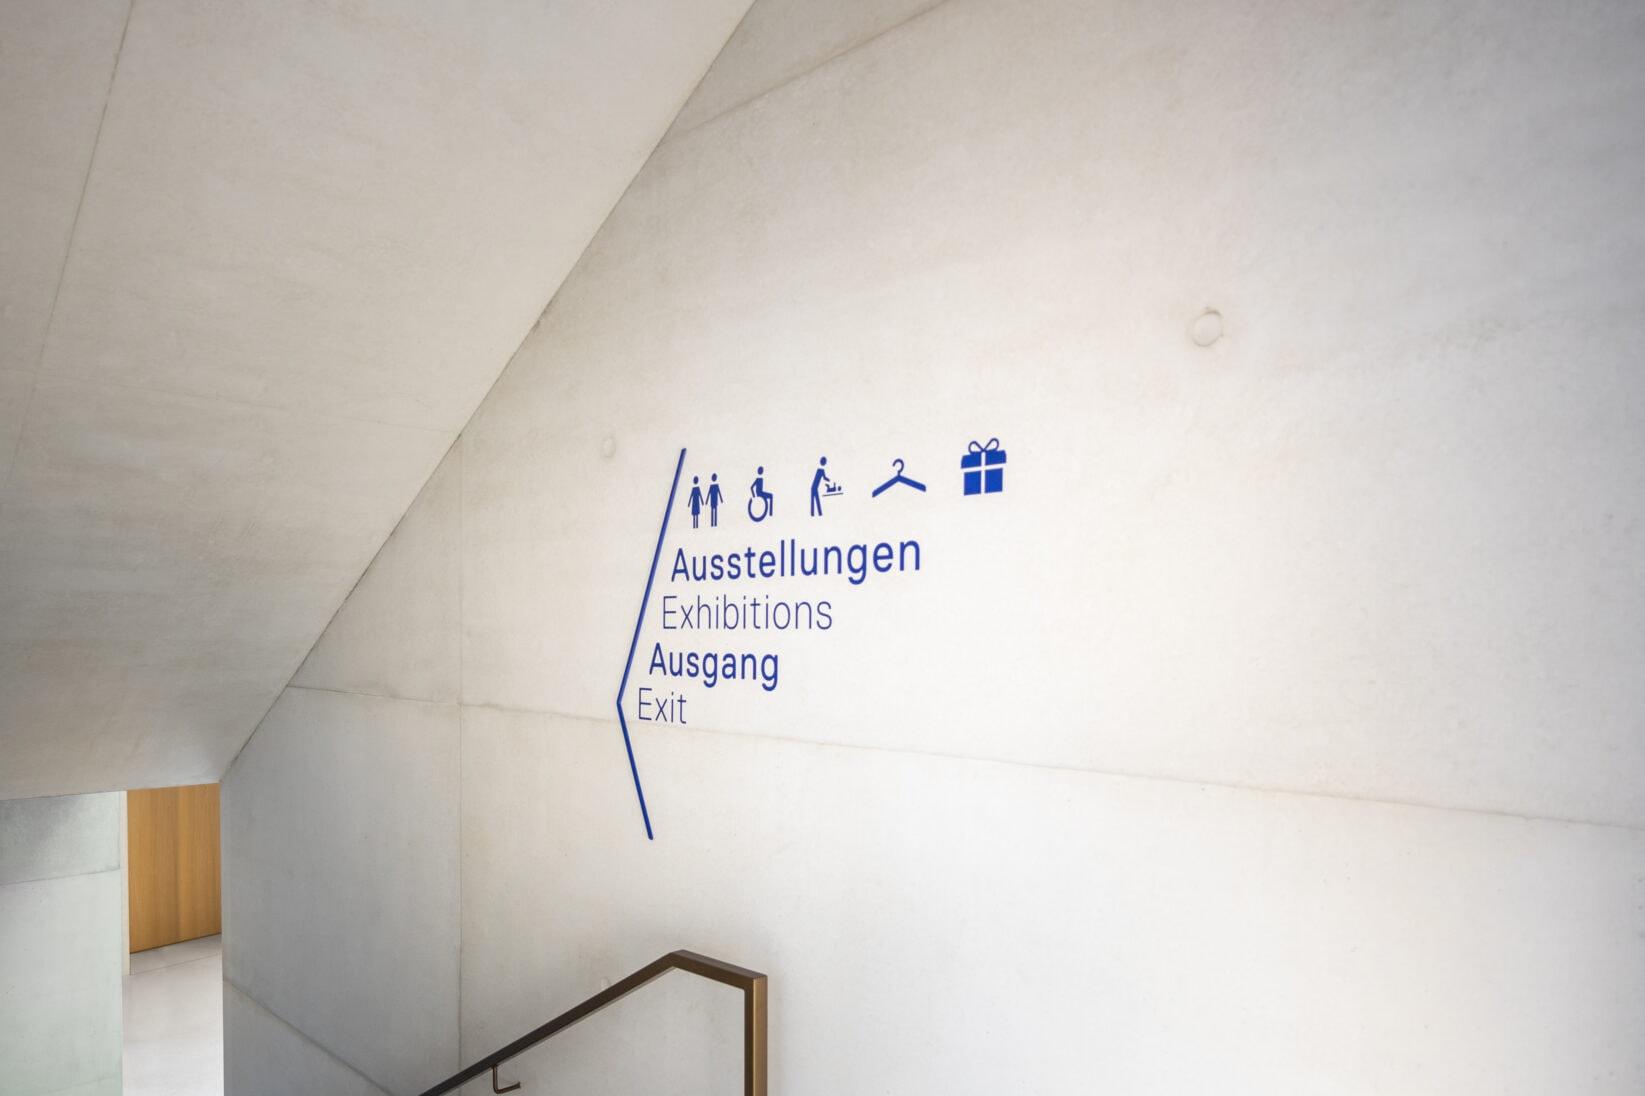 Jüdisches Museum Frankfurt Leitsystem Wegeleitung